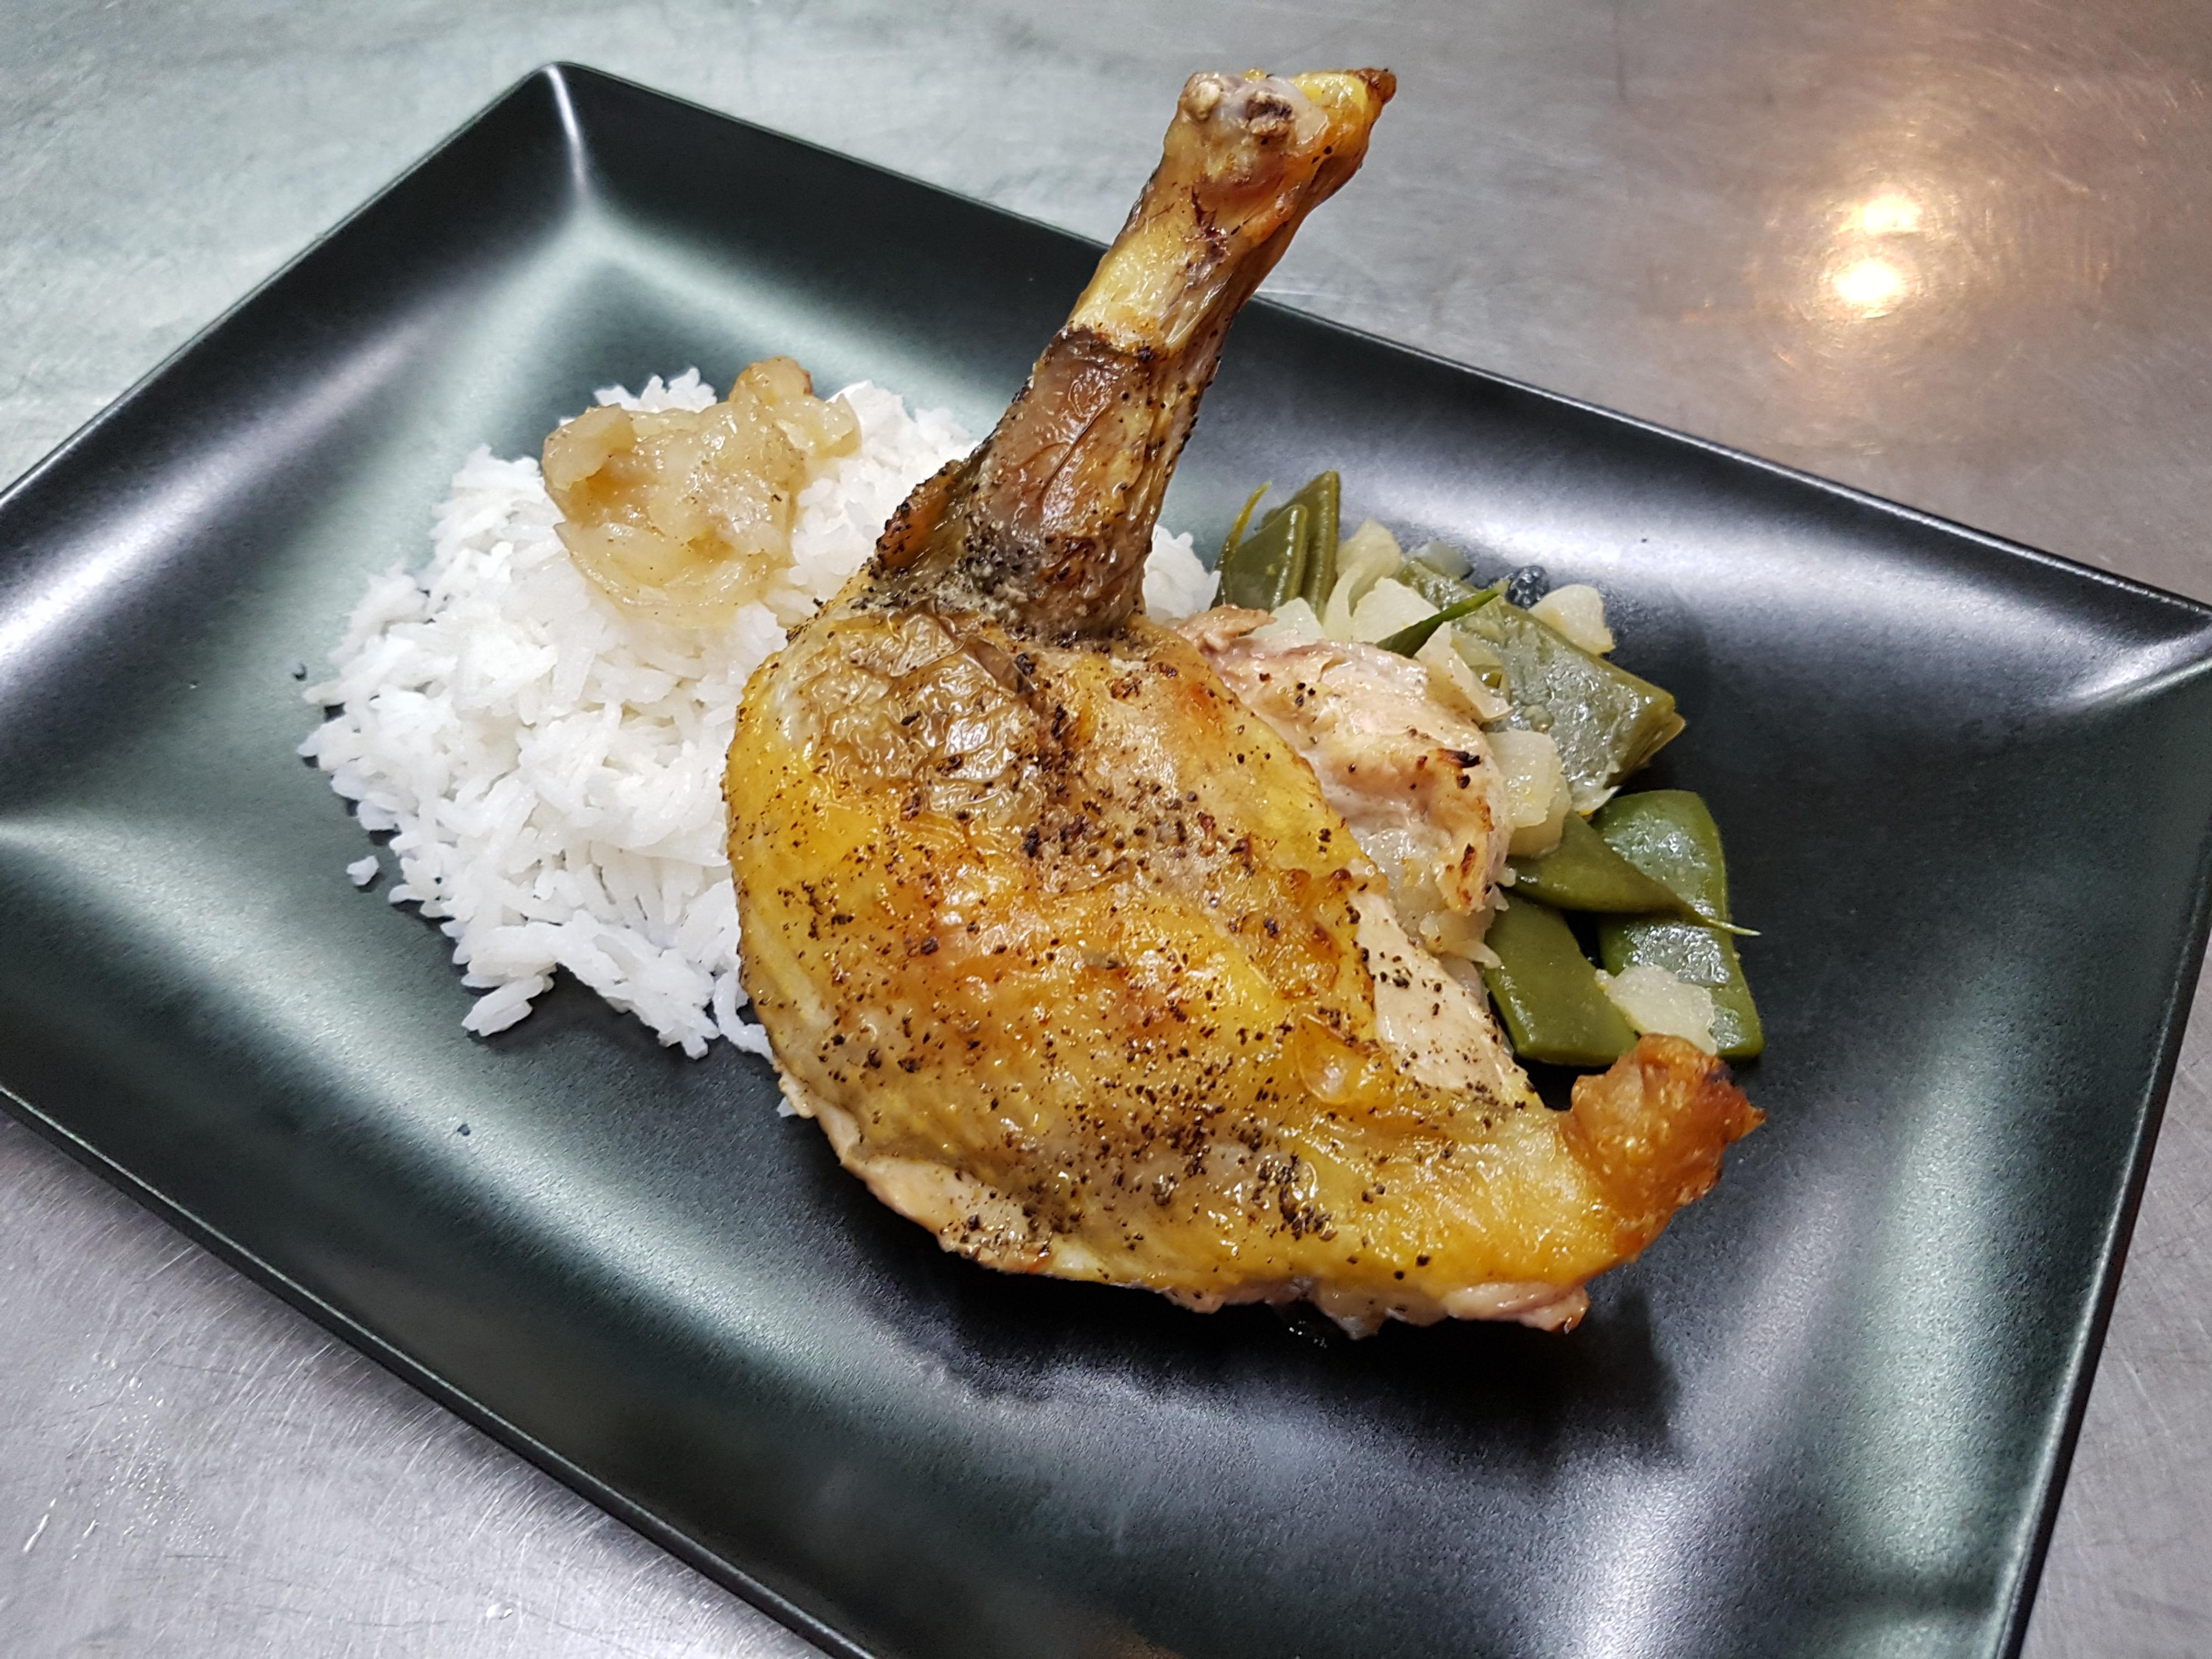 05/02 : Cuisse de poulet grillée